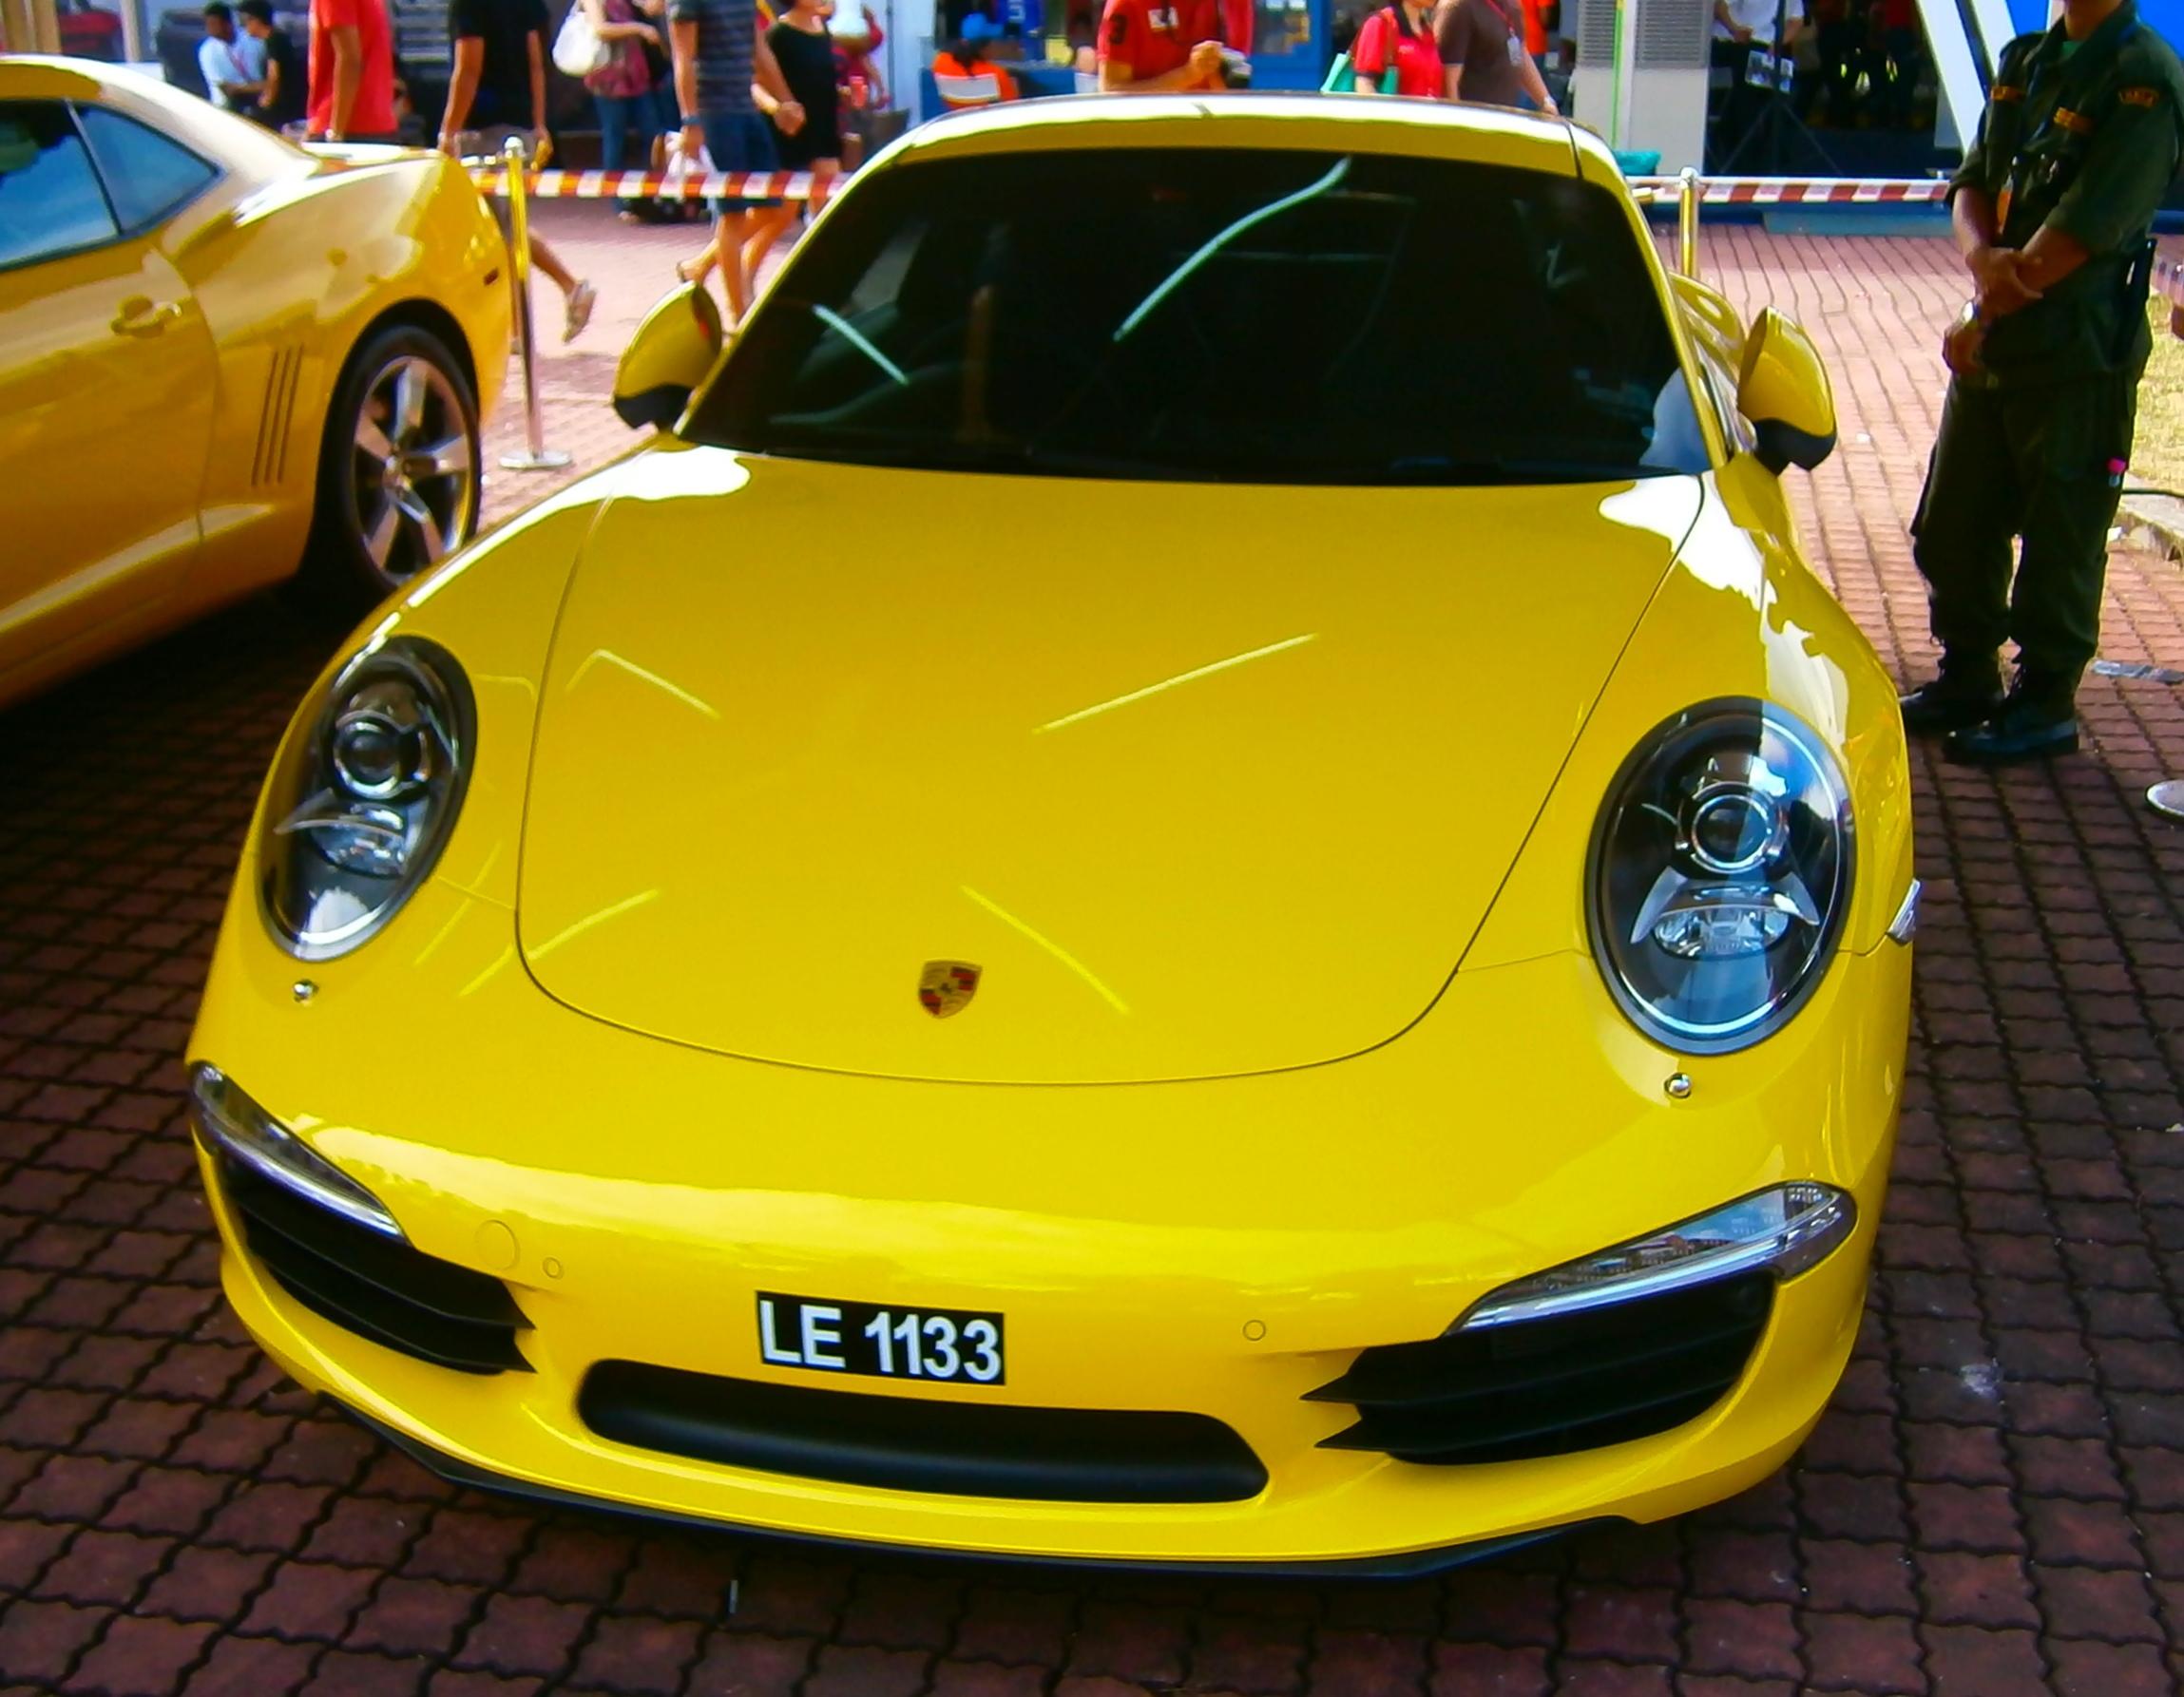 File:2012 Porsche 911 (991) Carrera S at Sepang Intl. Circuit ...